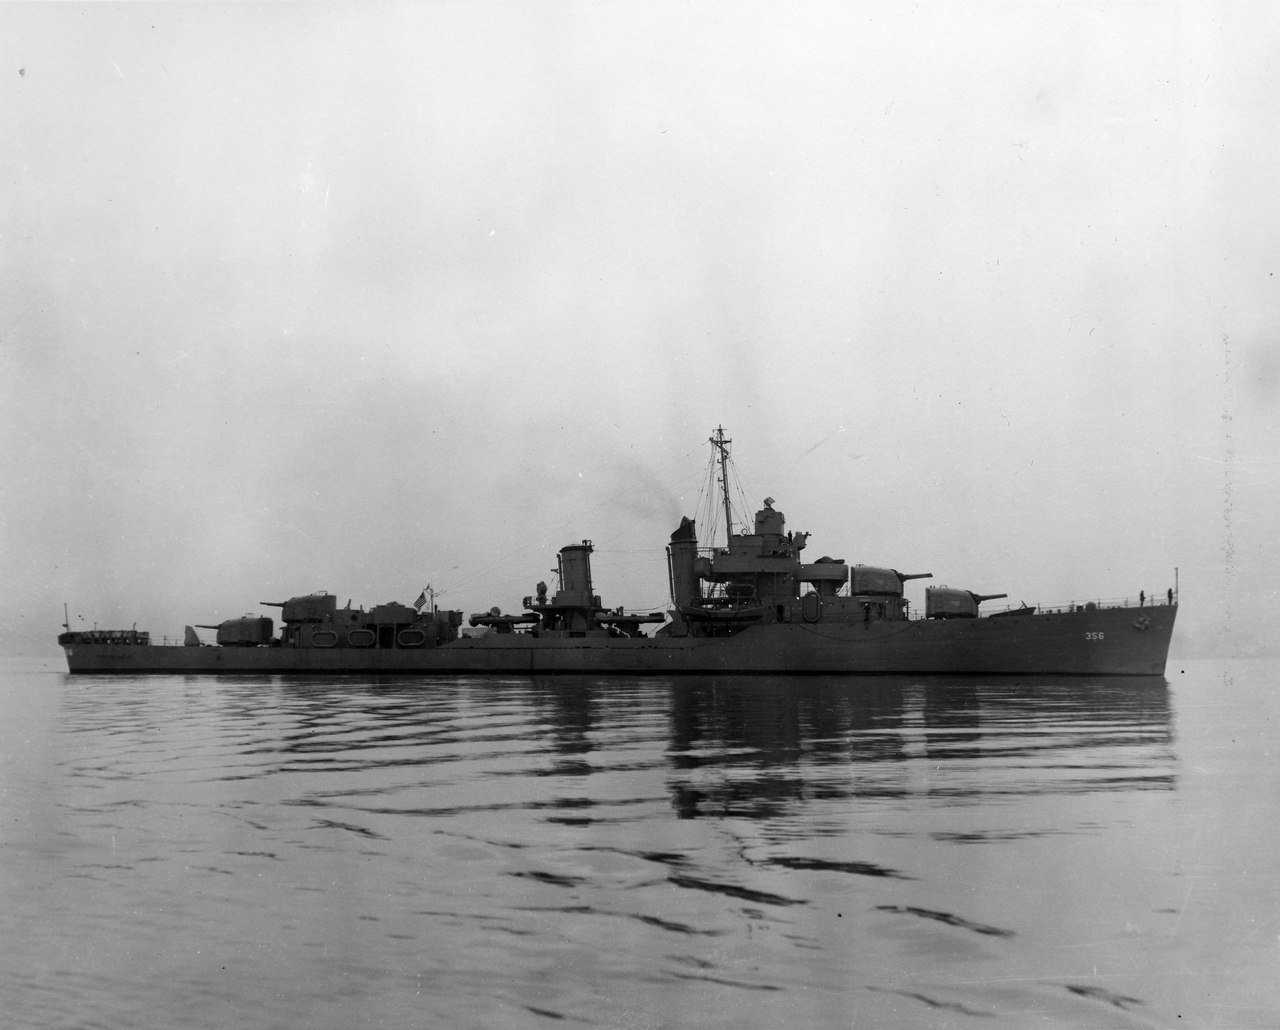 Эсминец Портер на верфи Мар Айленд 4 ноября 1941г.